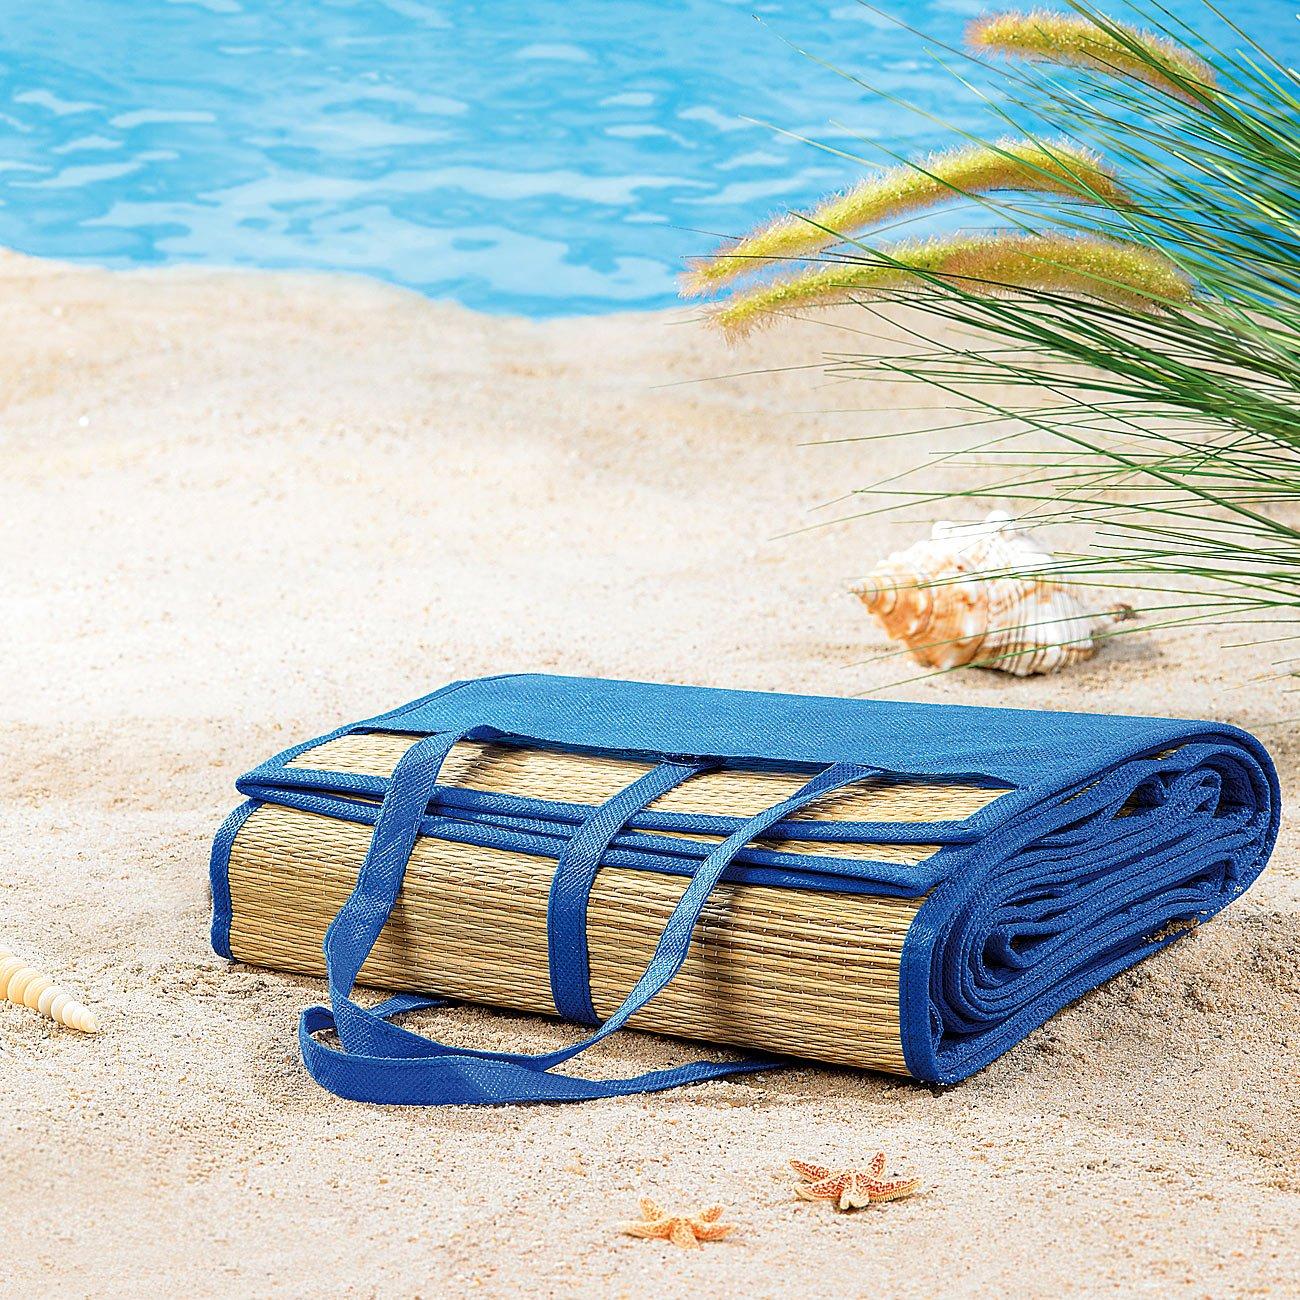 Strand Bast Matte Liegematte Perfekte Verarbeitung Badematte Bastmatte Gut 3 Stück Leichte Strandmatte